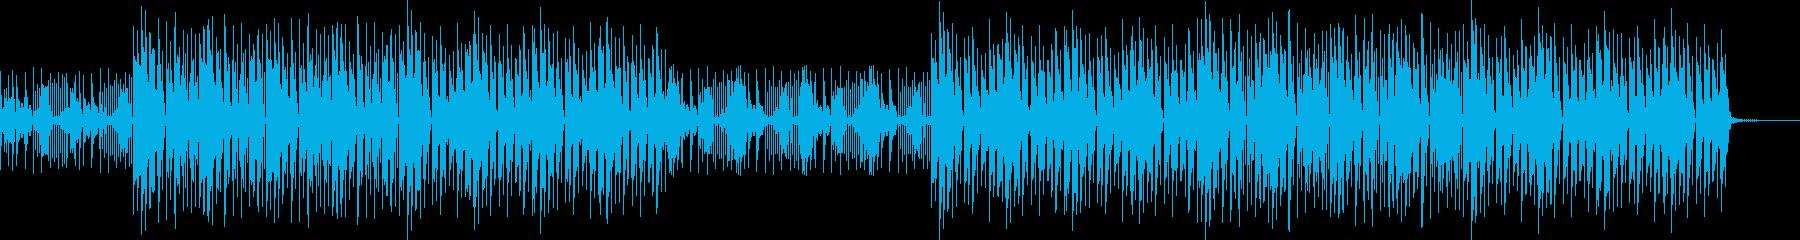 カントリーEDMハウス・おしゃれほのぼのの再生済みの波形